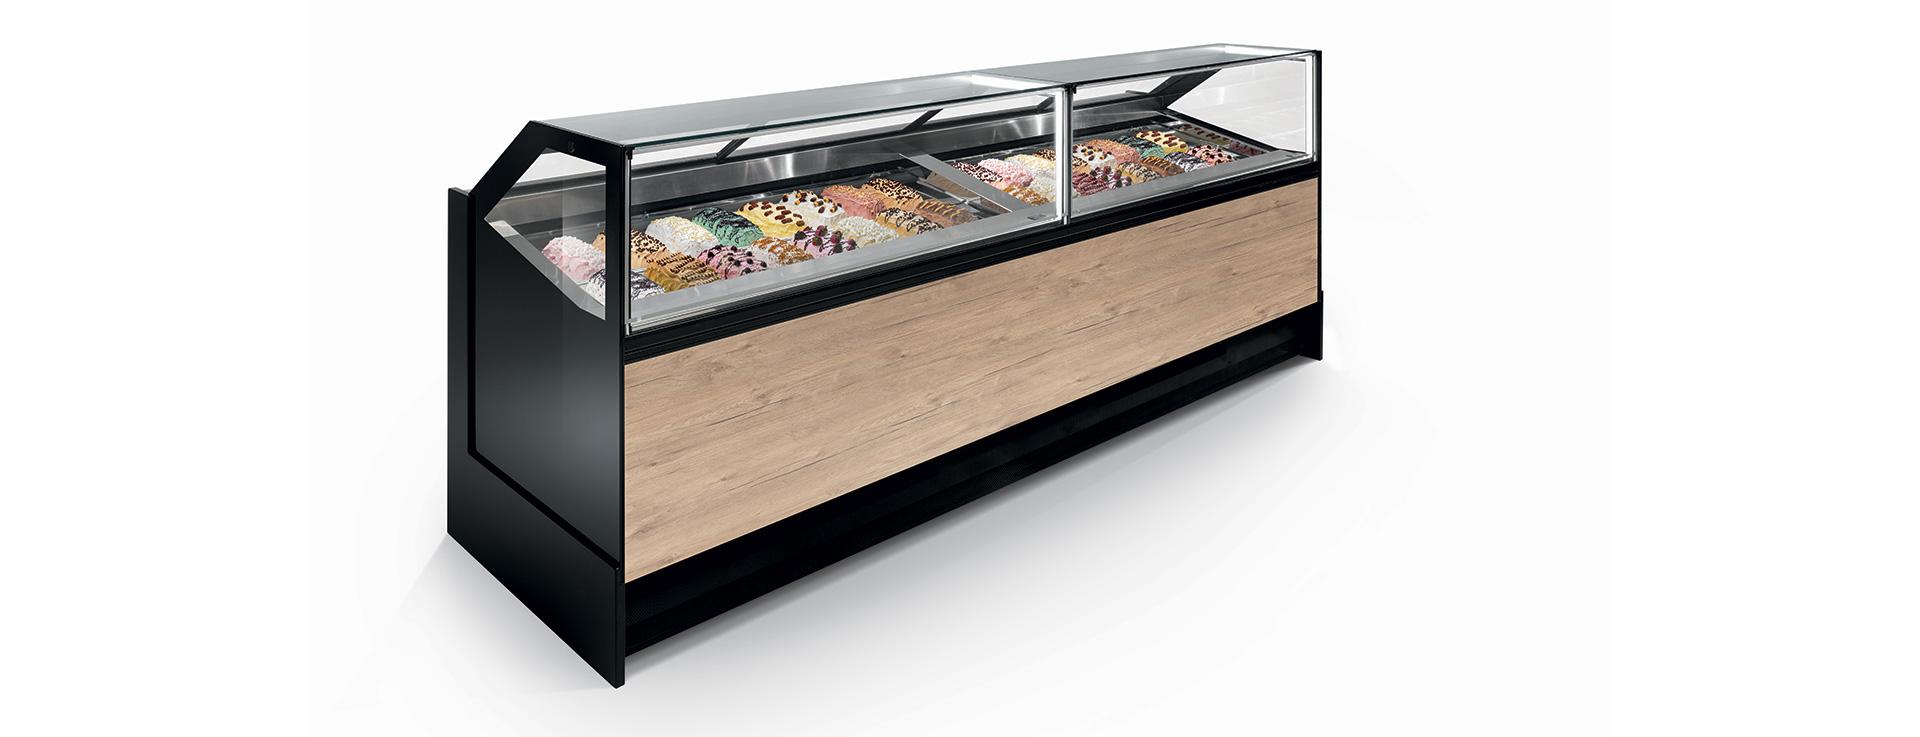 La vetrina Swing, statica e ventilata, possiede una spiccata vocazione espositiva per gelaterie e pasticcerie.